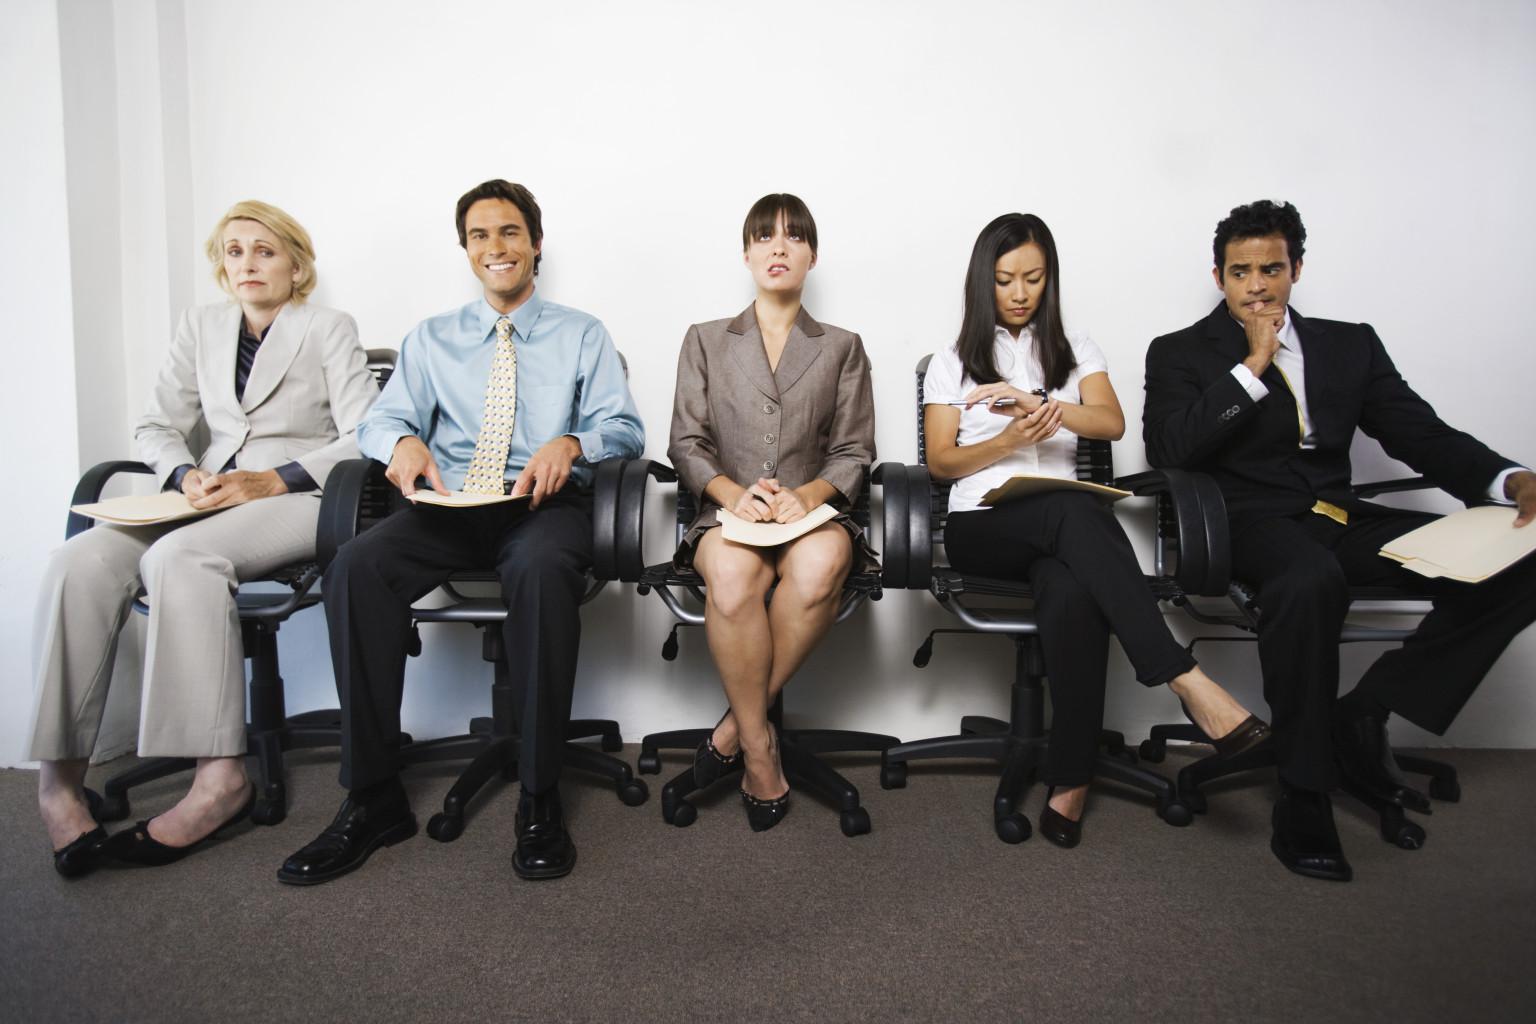 Il colloquio di lavoro in sala d'attesa